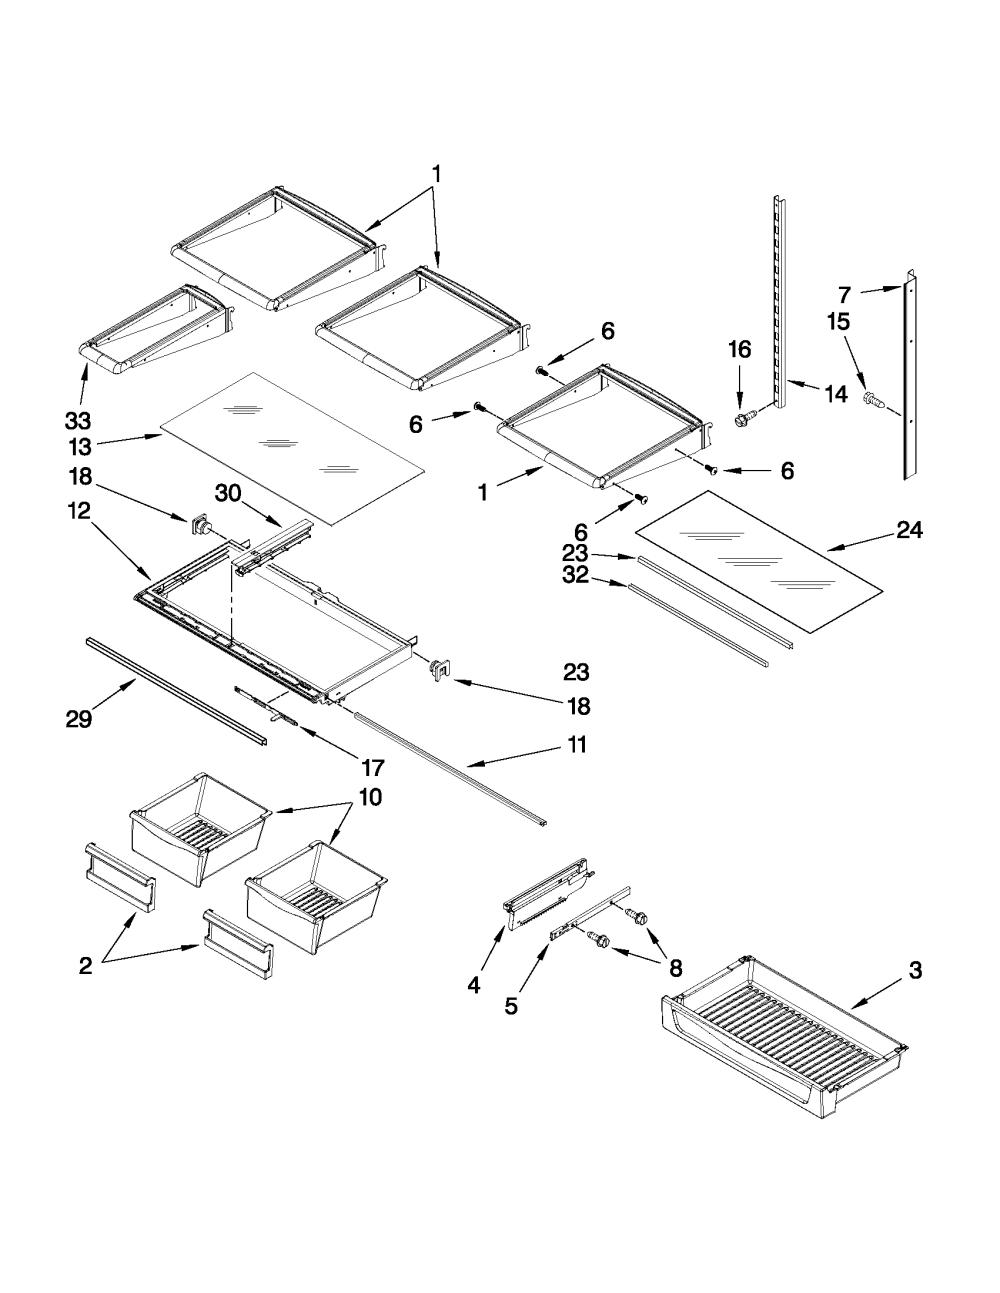 medium resolution of maytag model mfi2665xew6 bottom mount refrigerator genuine partsmaytag mfi2665xew6 wiring schematic 14